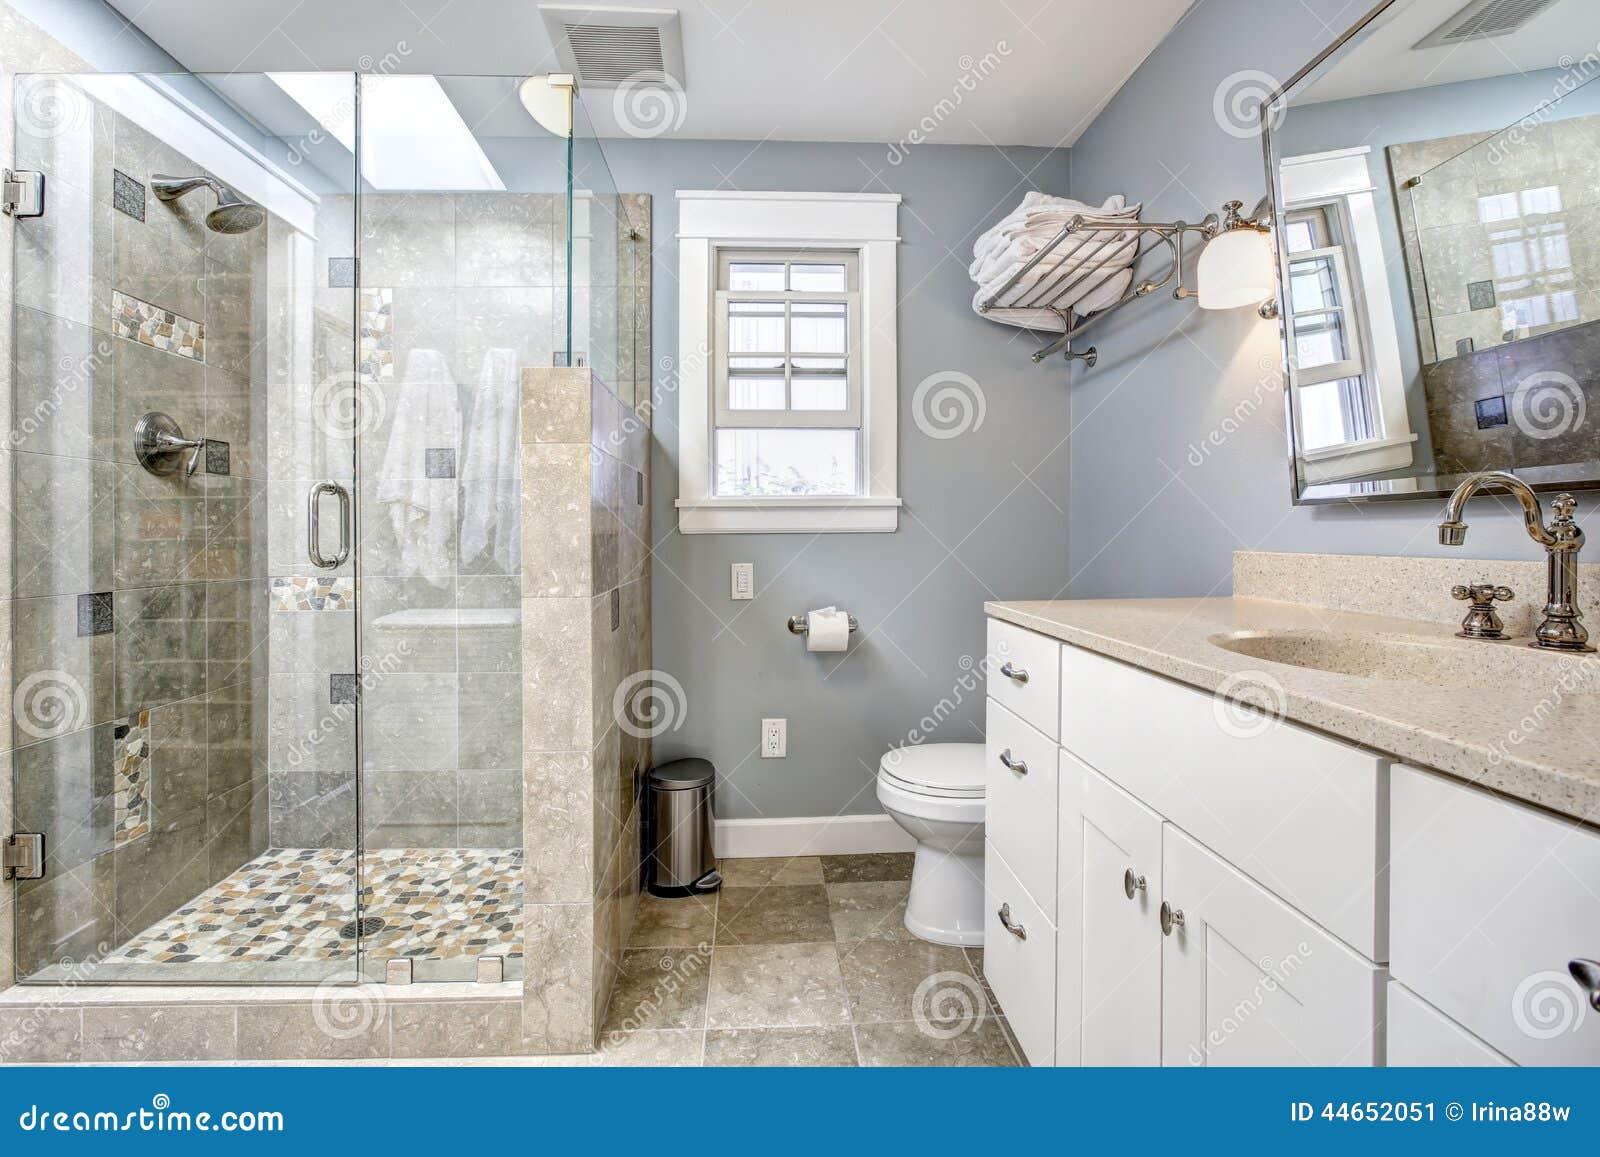 Bagni Di Lusso In Muratura : Foto bagni moderni in muratura bagno in muratura moderno lusso